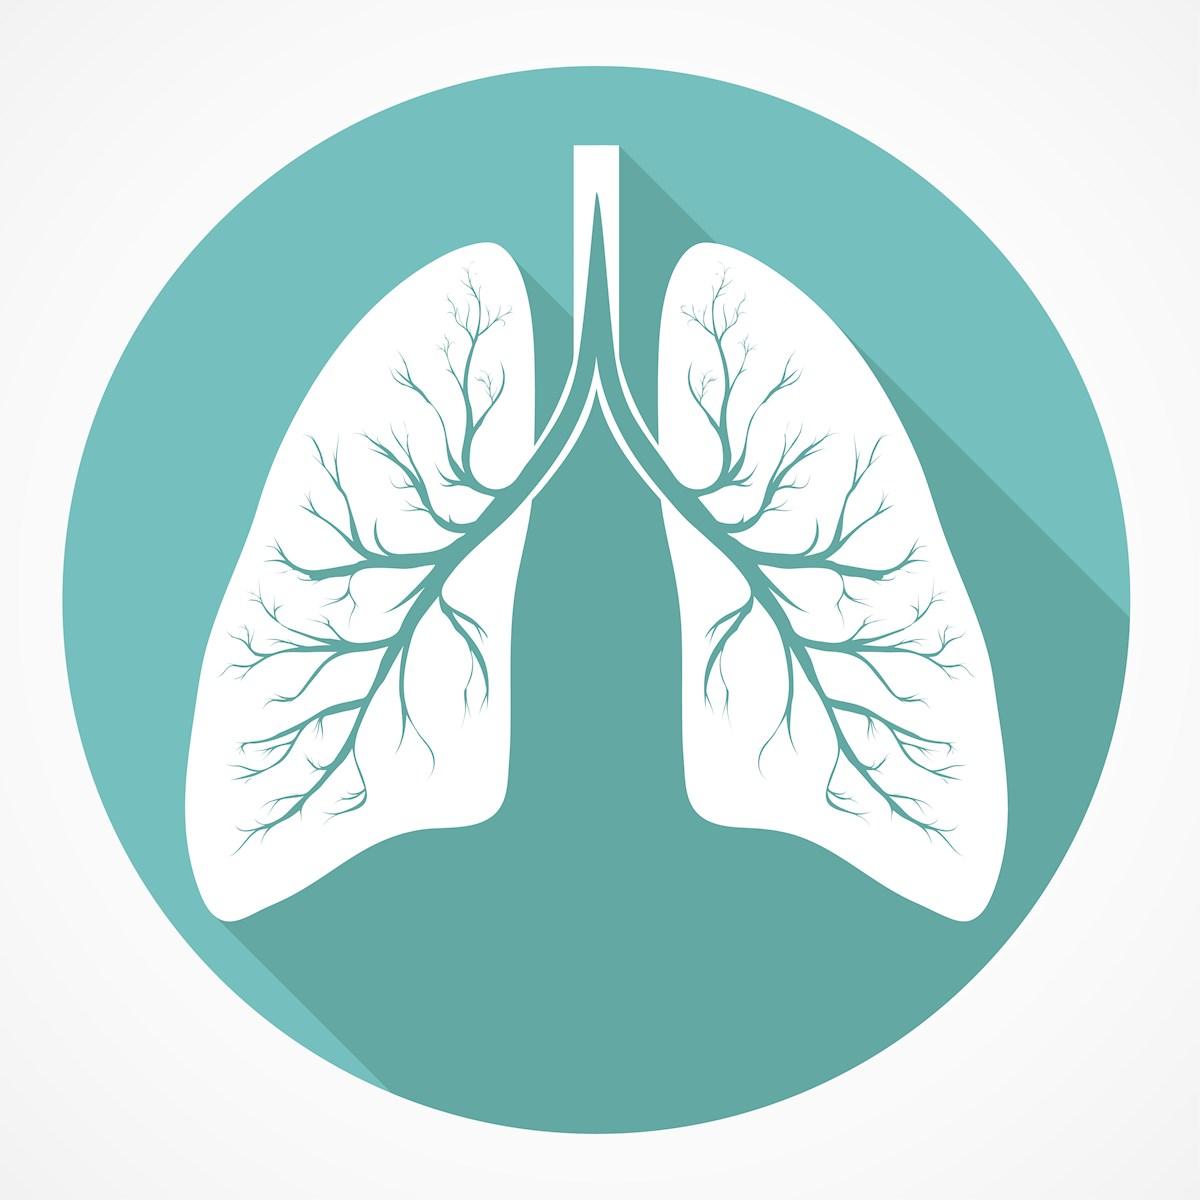 lungs-illus